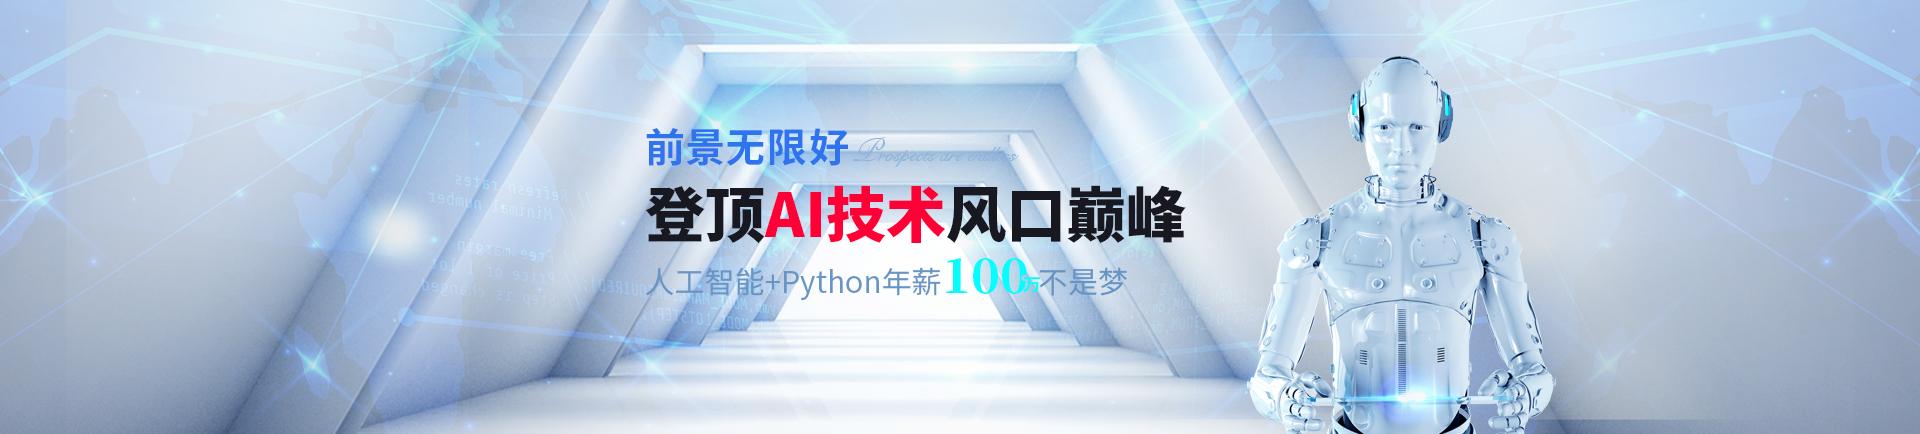 登顶AI技术风�巅峰 人工智能+Python年薪100万�是梦-hangzhou